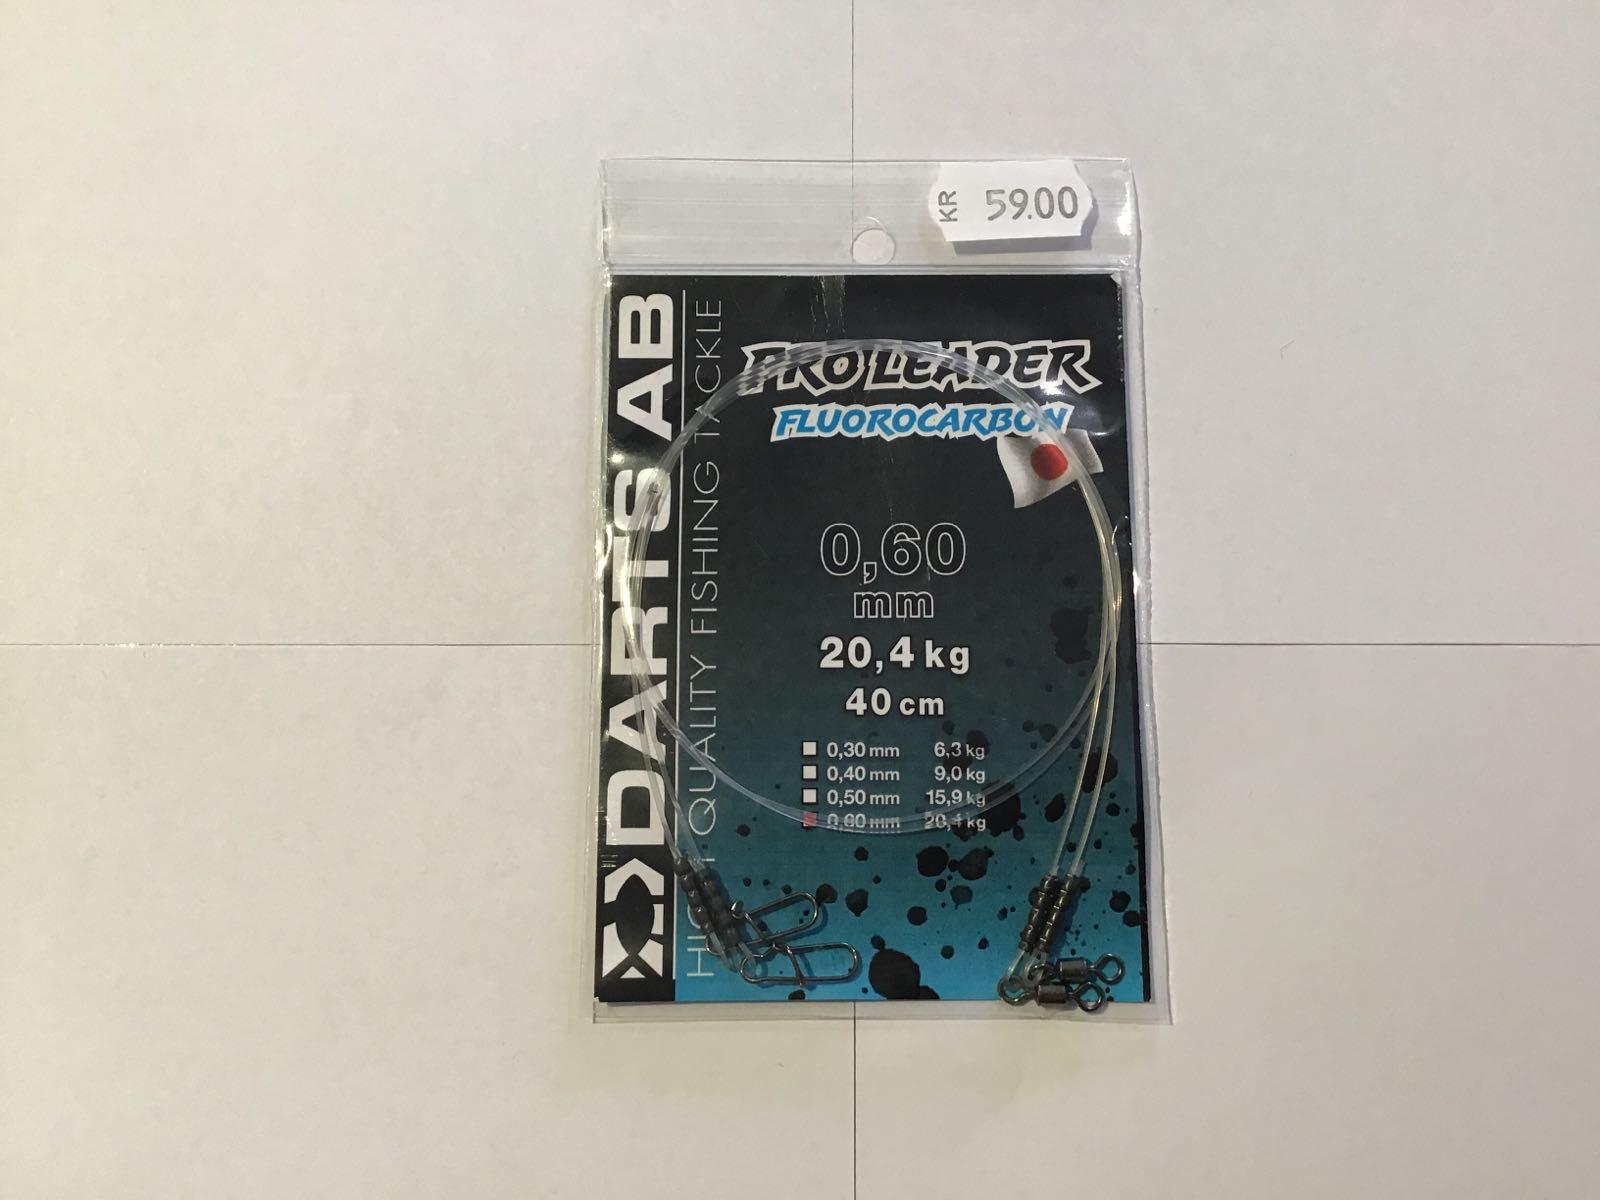 Darts proleader fluorocarbon 0,60mm